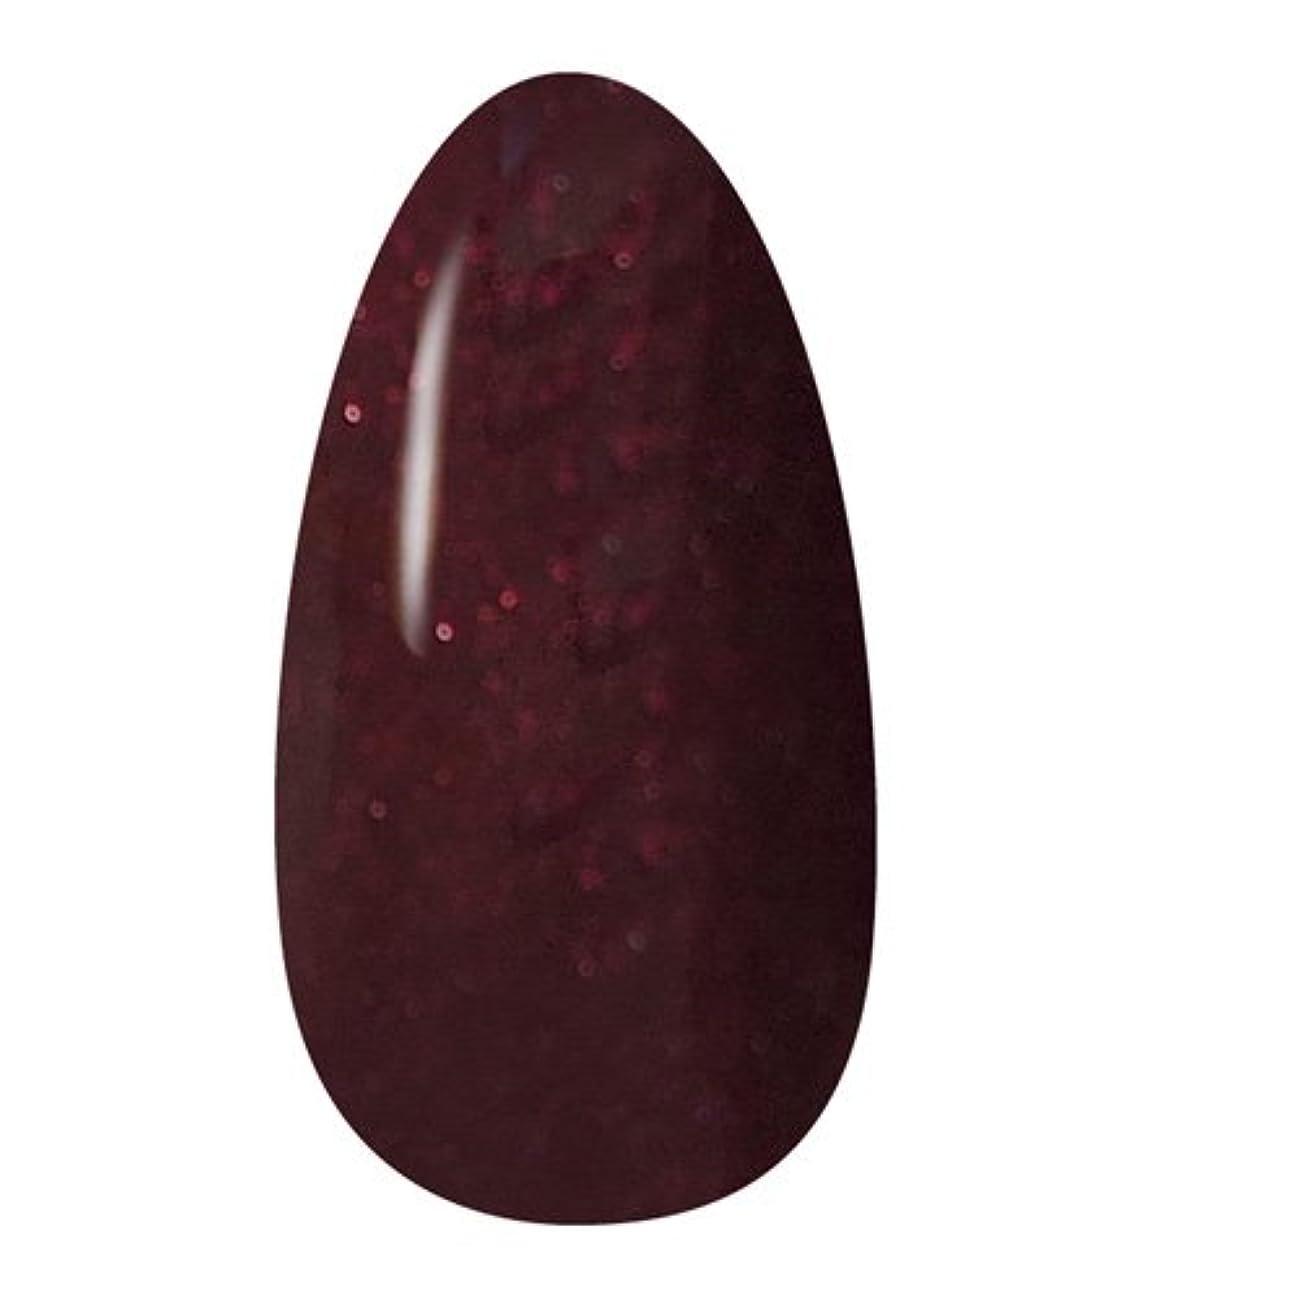 明らかにひらめき知的CherryDayネイルポリッシュ #260 ギャラクシーレッド 8mL